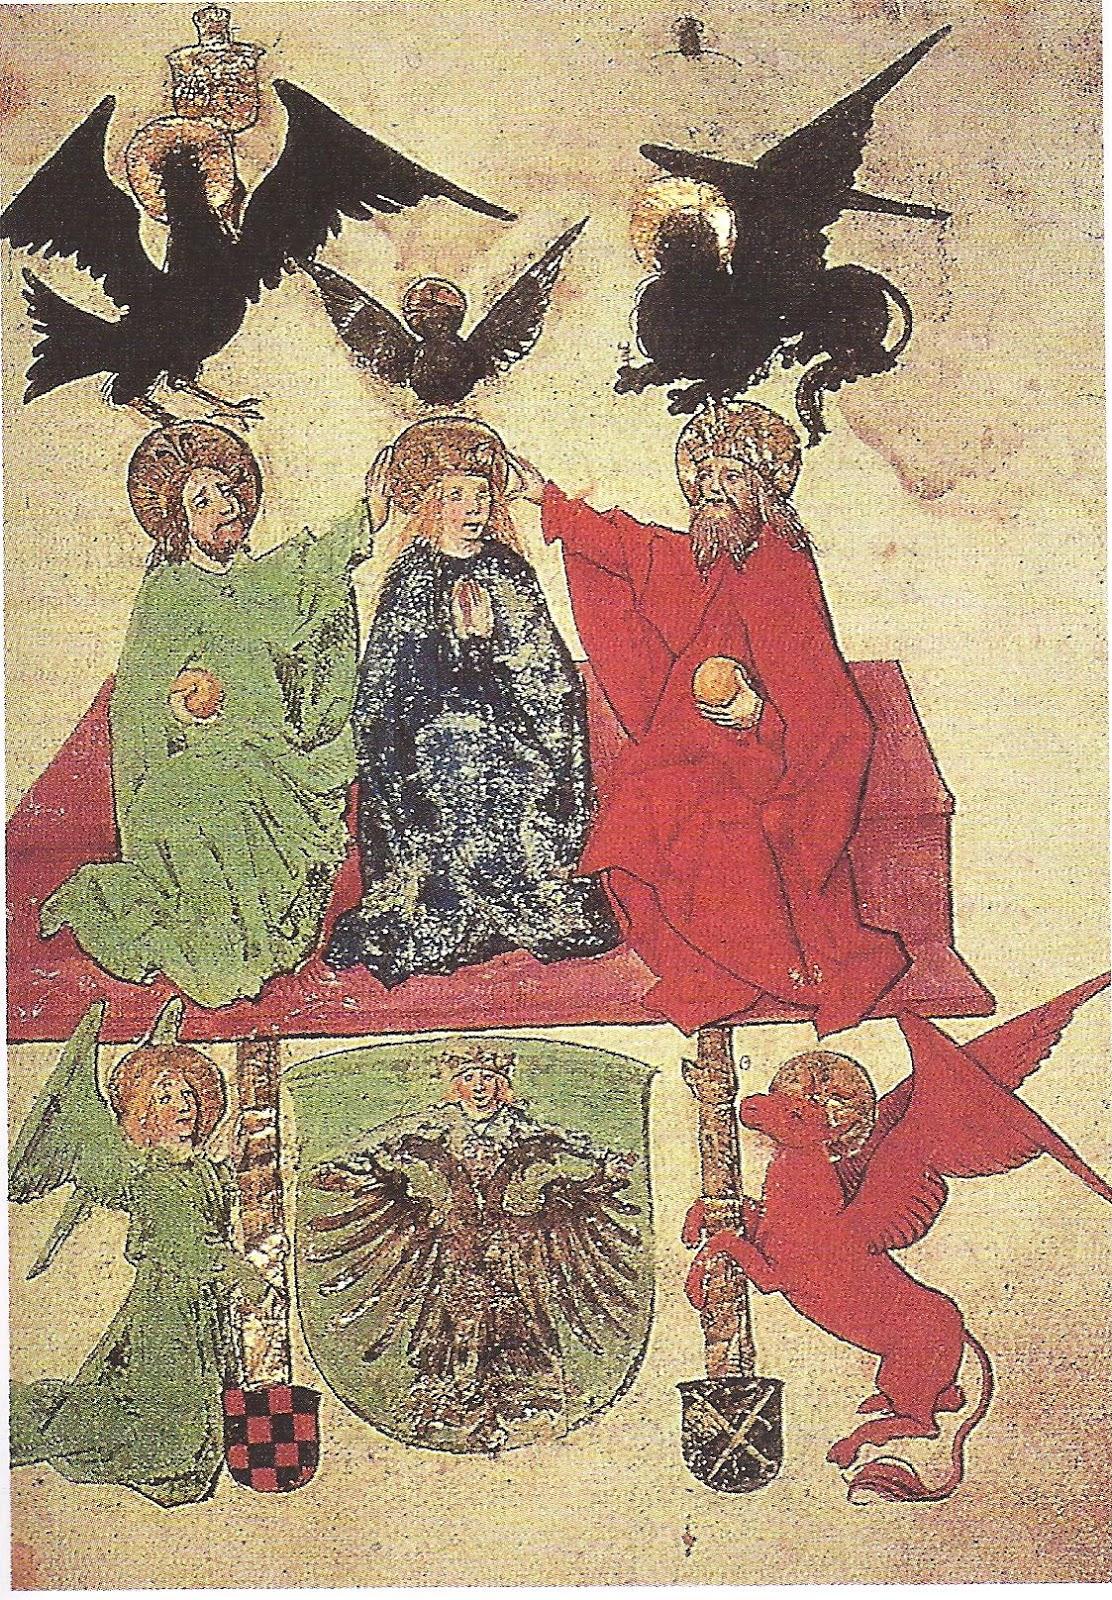 Marie, mère du Christ - Page 2 Le+Livre+de+la+Sainte+Trinit%C3%A9+-+D%C3%A9but+XV%C2%B0+si%C3%A8cle+-+3